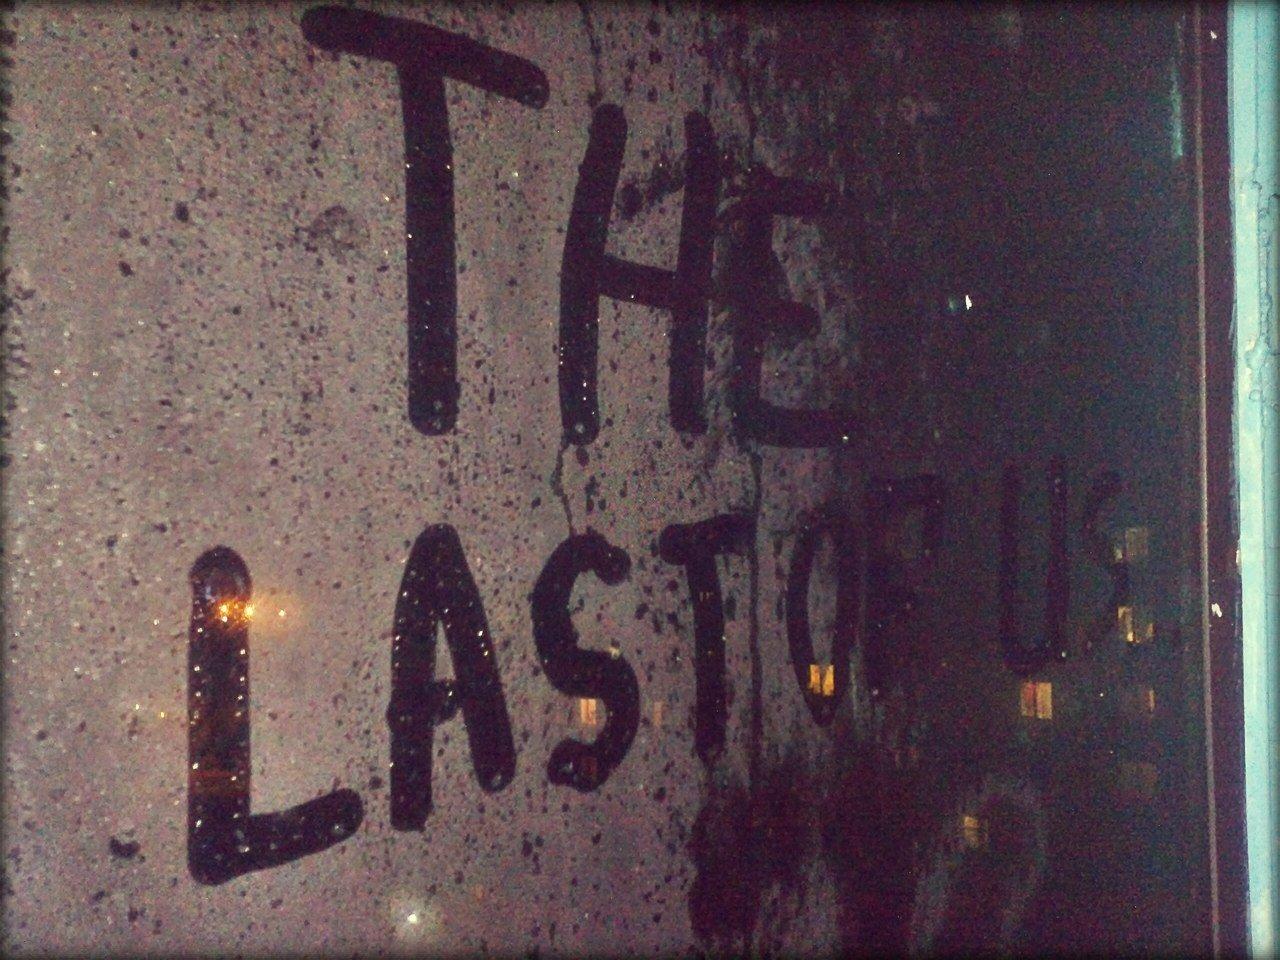 Удивительно, все вокруг словно с ума сошли вокруг GTA V, а я только прошел The Last of Us. Очень уникальная, эмоцион ... - Изображение 1